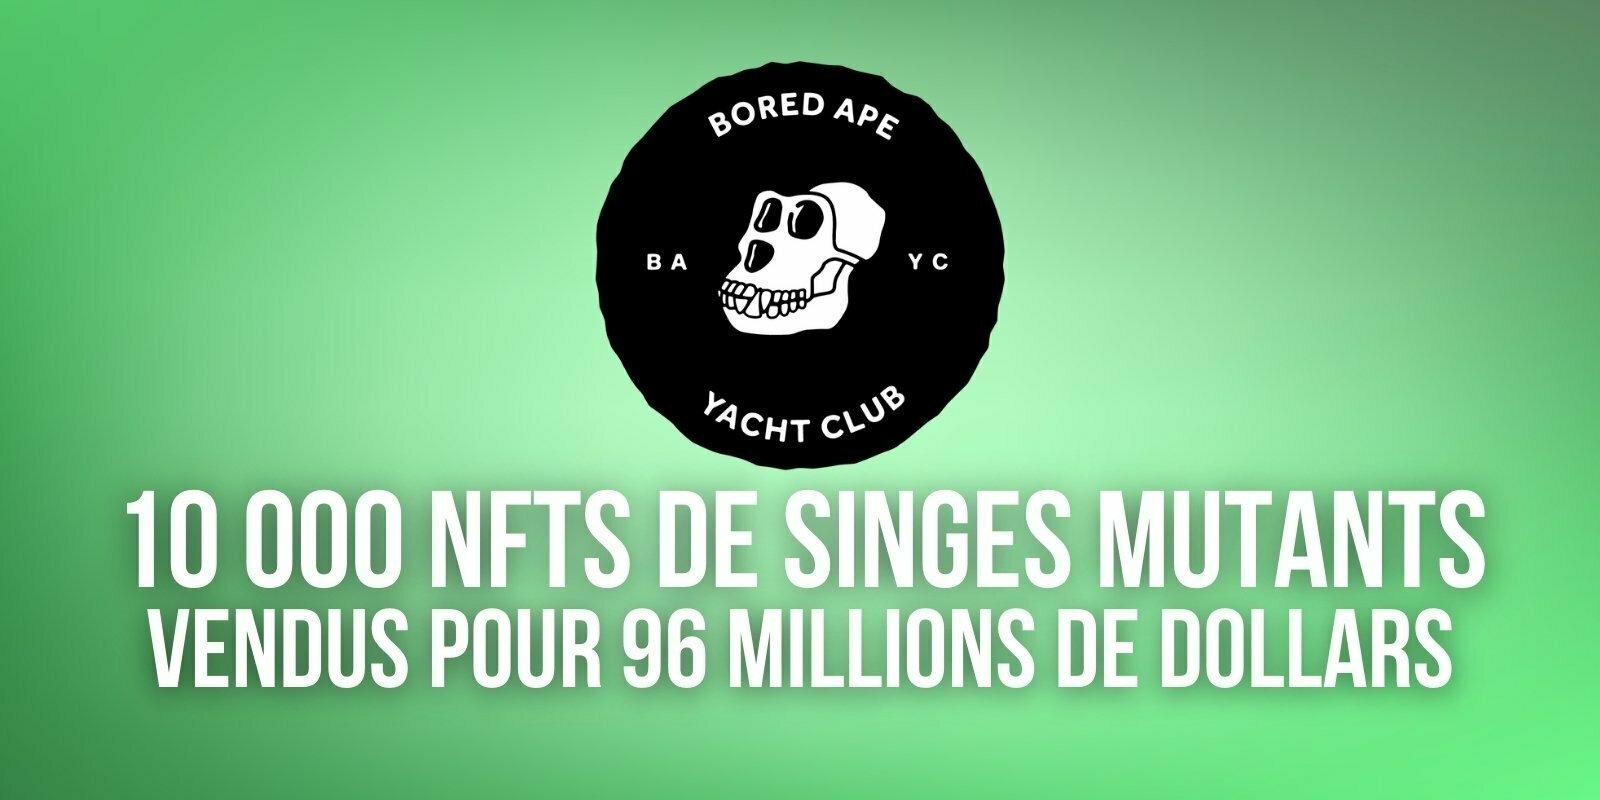 Bored Ape Yacht Club – 96 millions de dollars de NFTs de singes mutants vendus en une heure